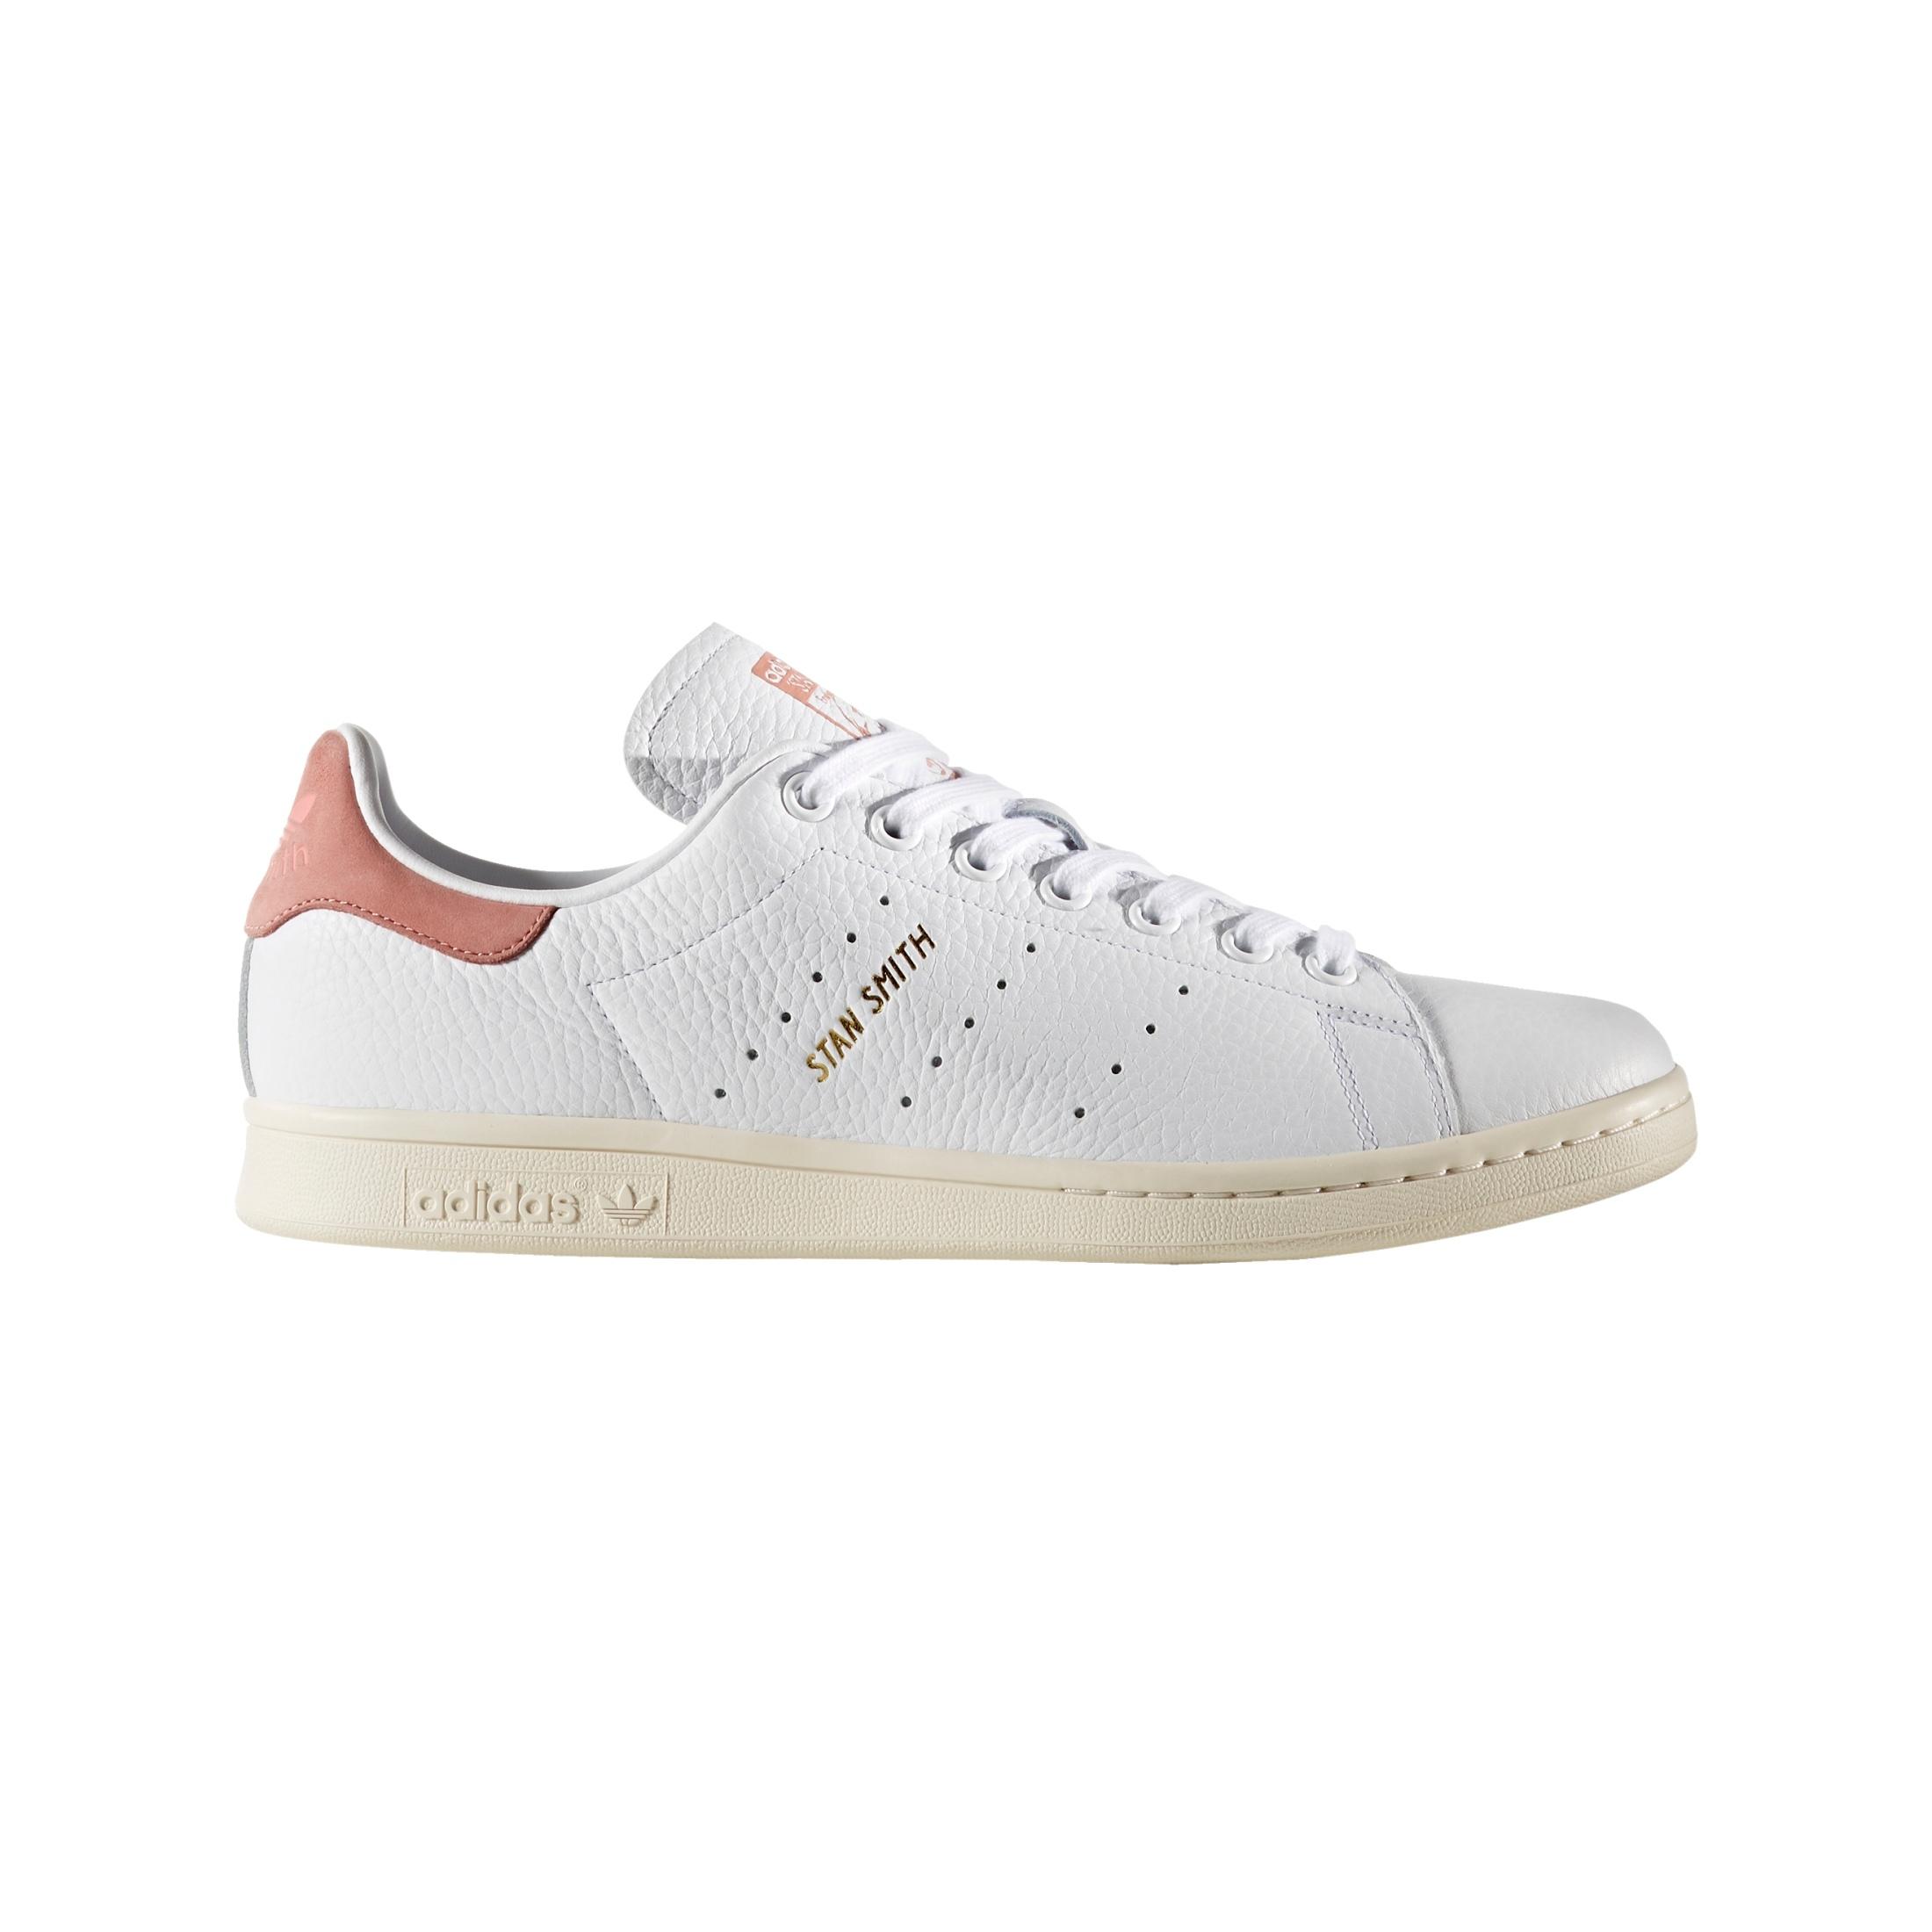 Subir y bajar salami Temporizador  adidas stan smith suela marron - Tienda Online de Zapatos, Ropa y  Complementos de marca